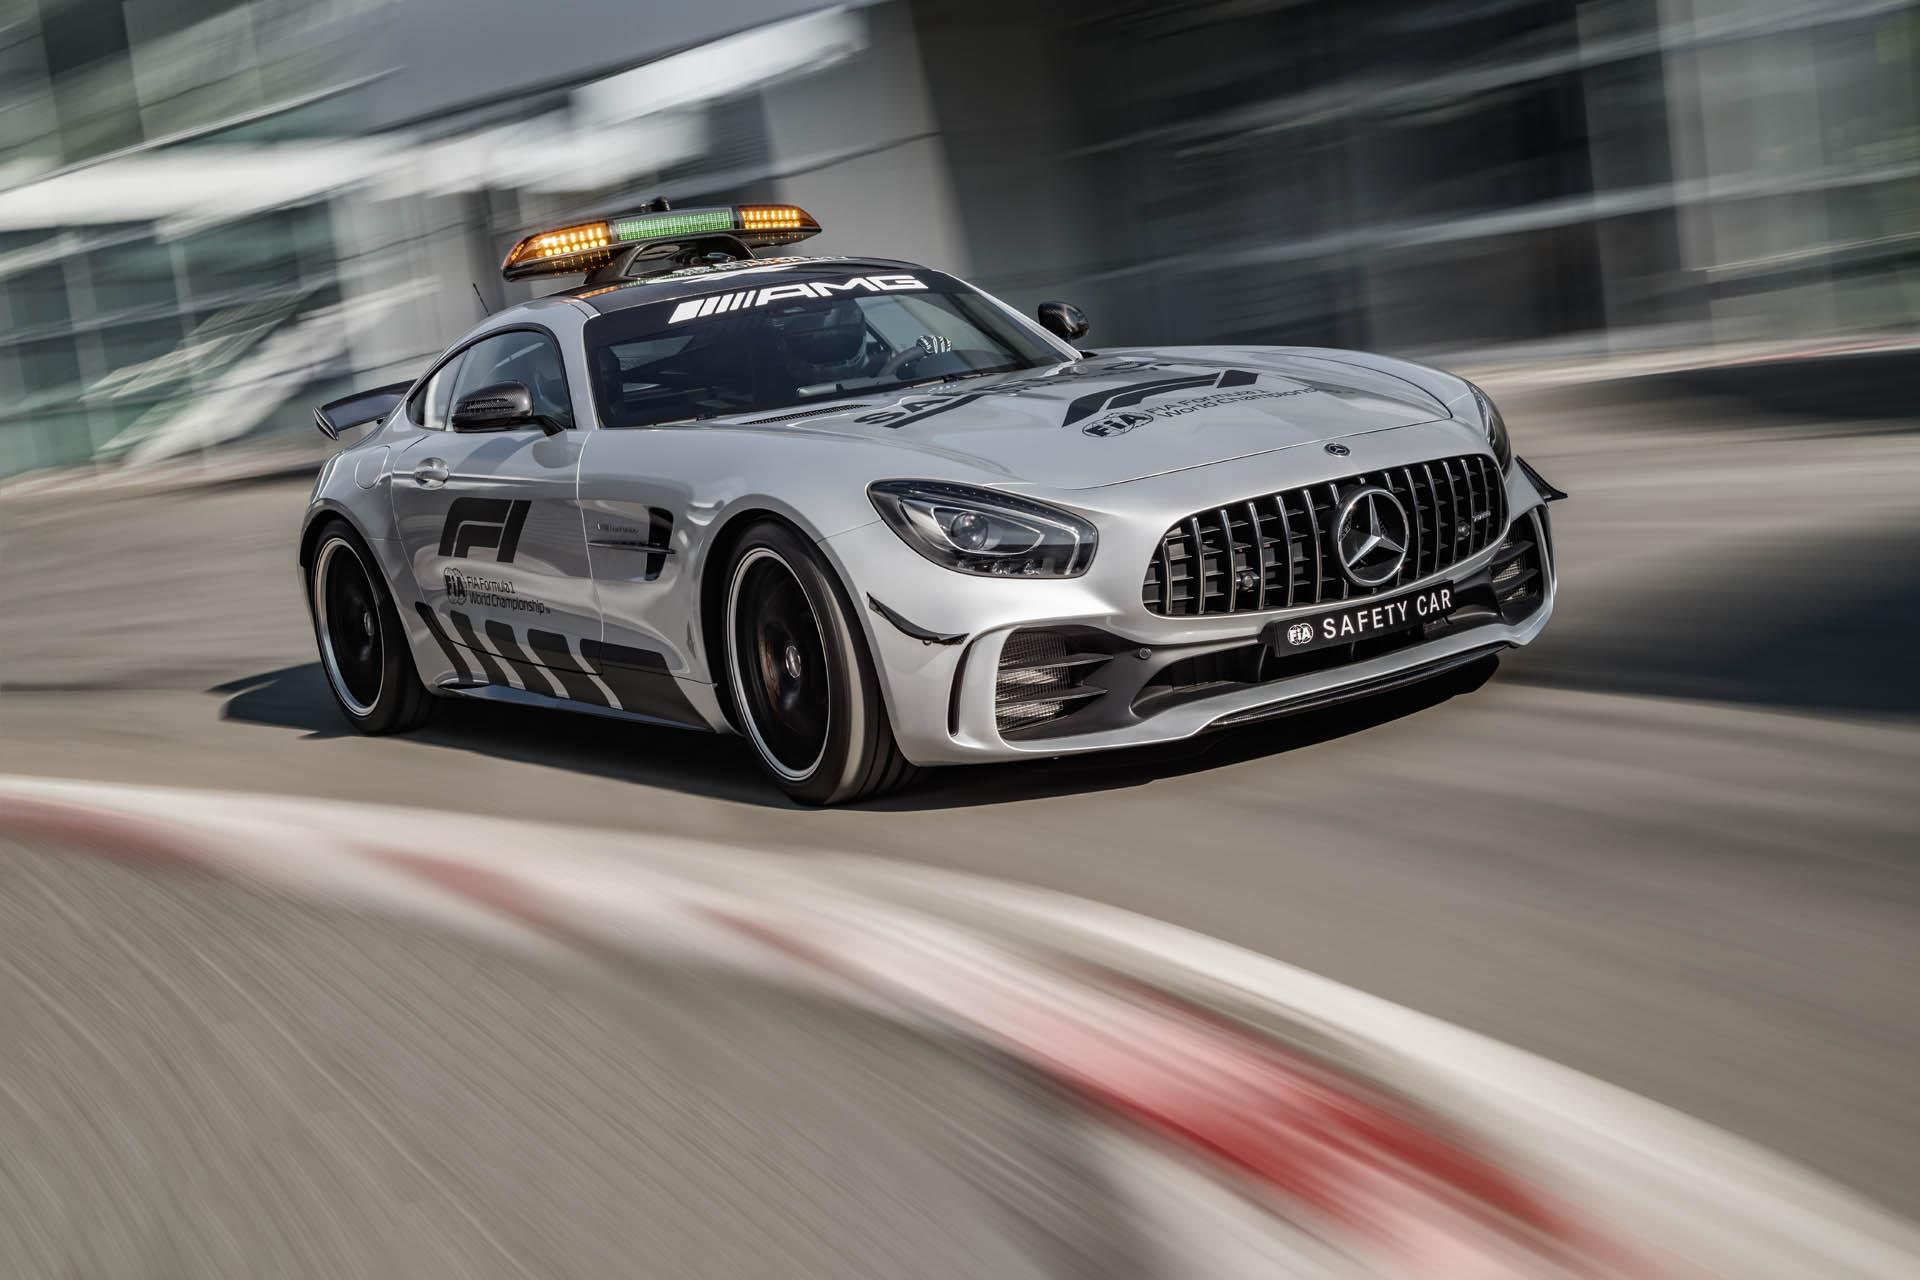 mercedes-amg-gt-r-f1-safety-car-01.jpg